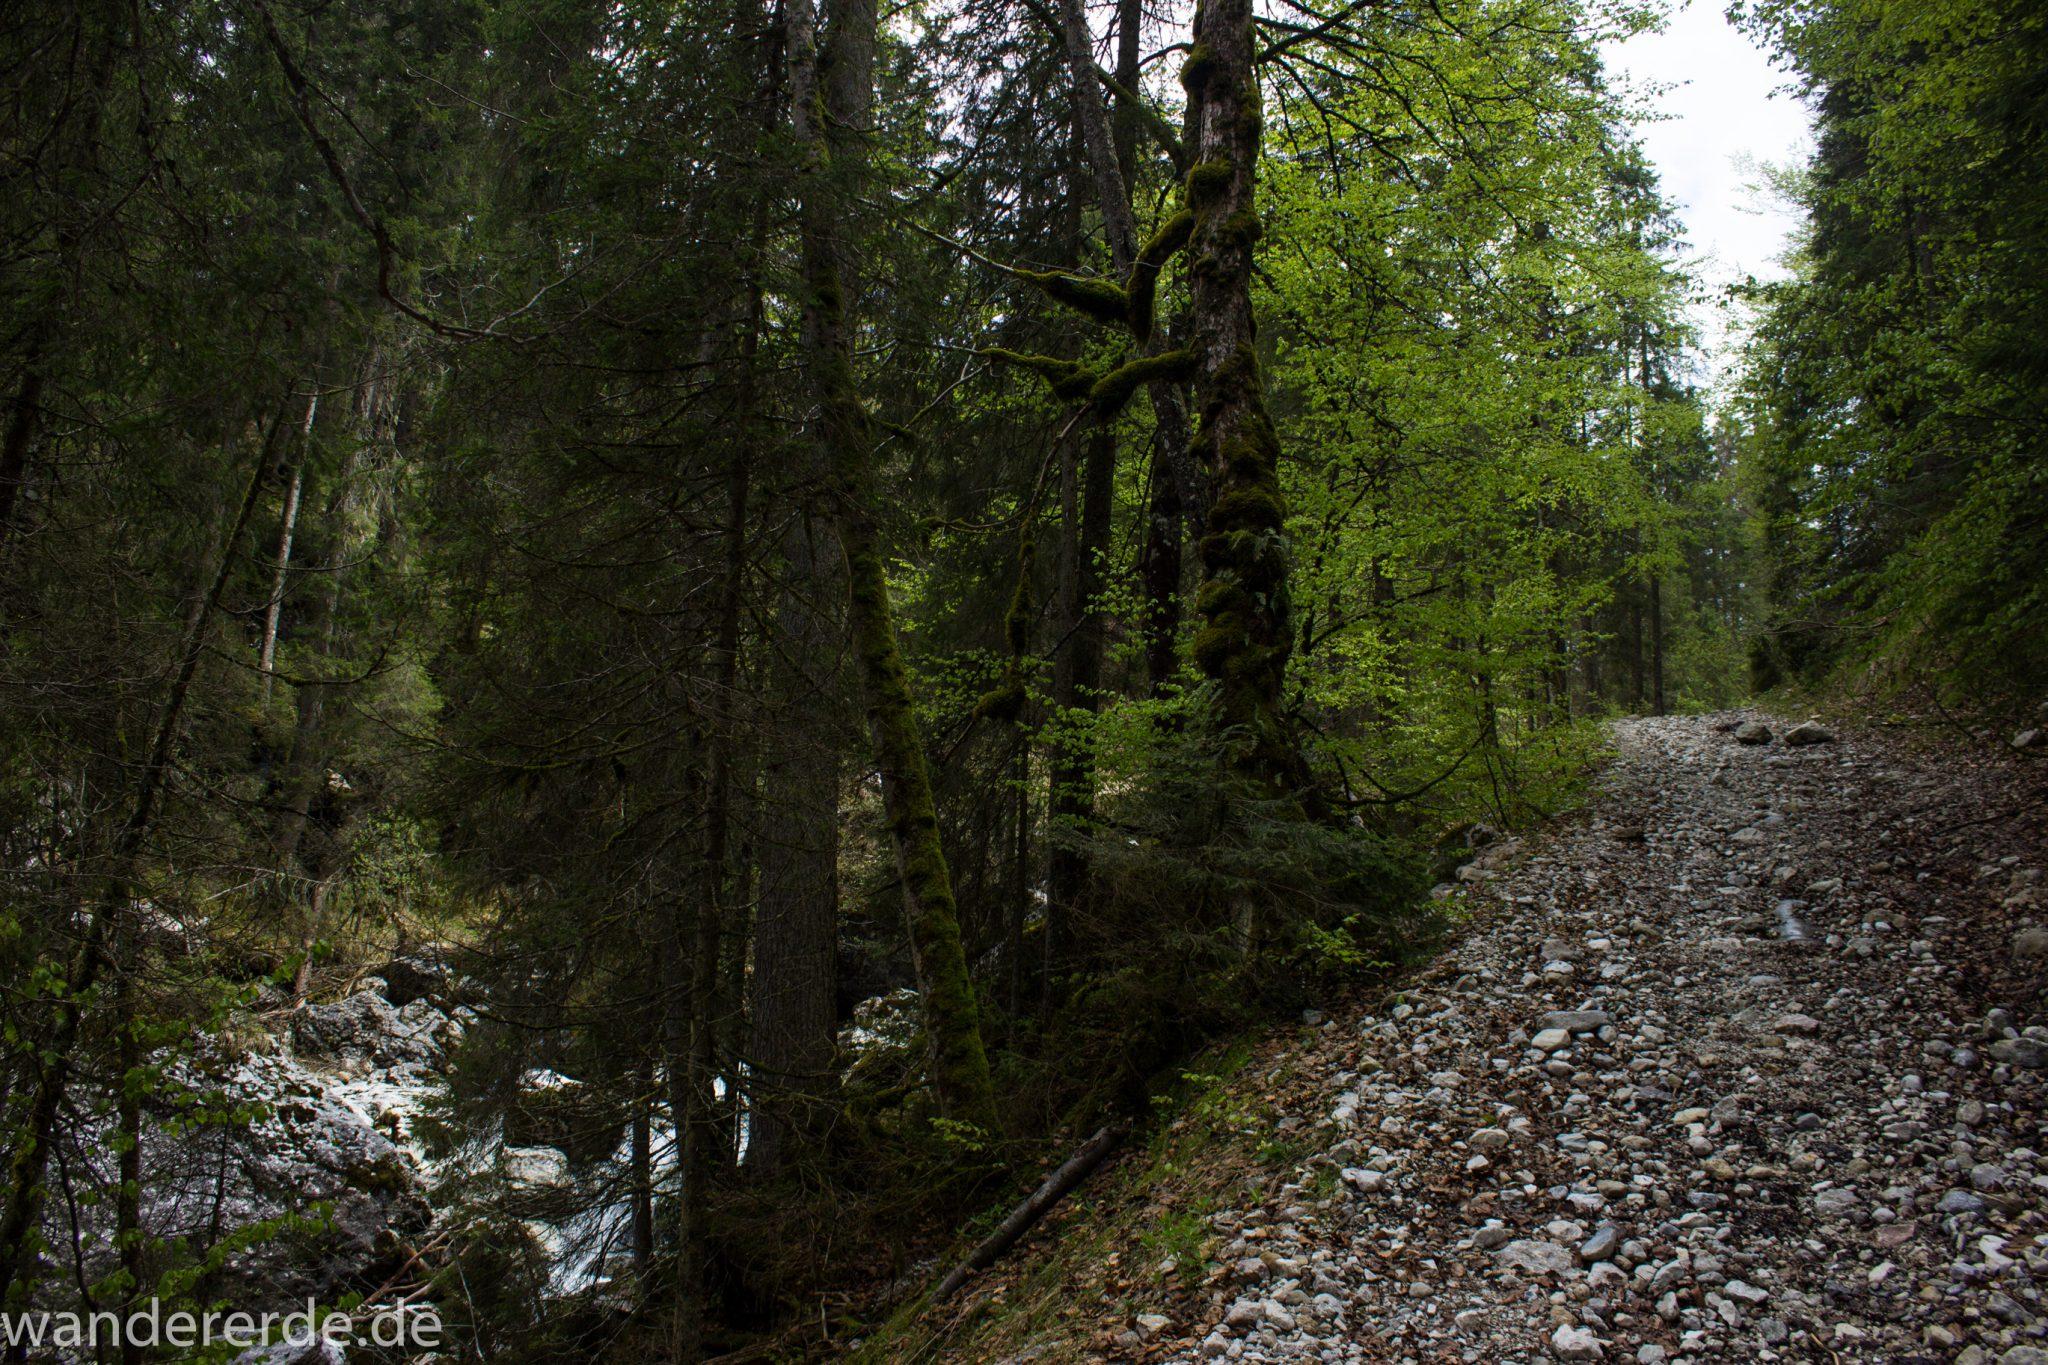 Wanderung zur Kenzenhütte in den Ammergauer Alpen, schmaler Wanderpfad entlang Bach, menschenleerer Weg, Frühjahr in den bayerischen Alpen, dichter grüner Wald